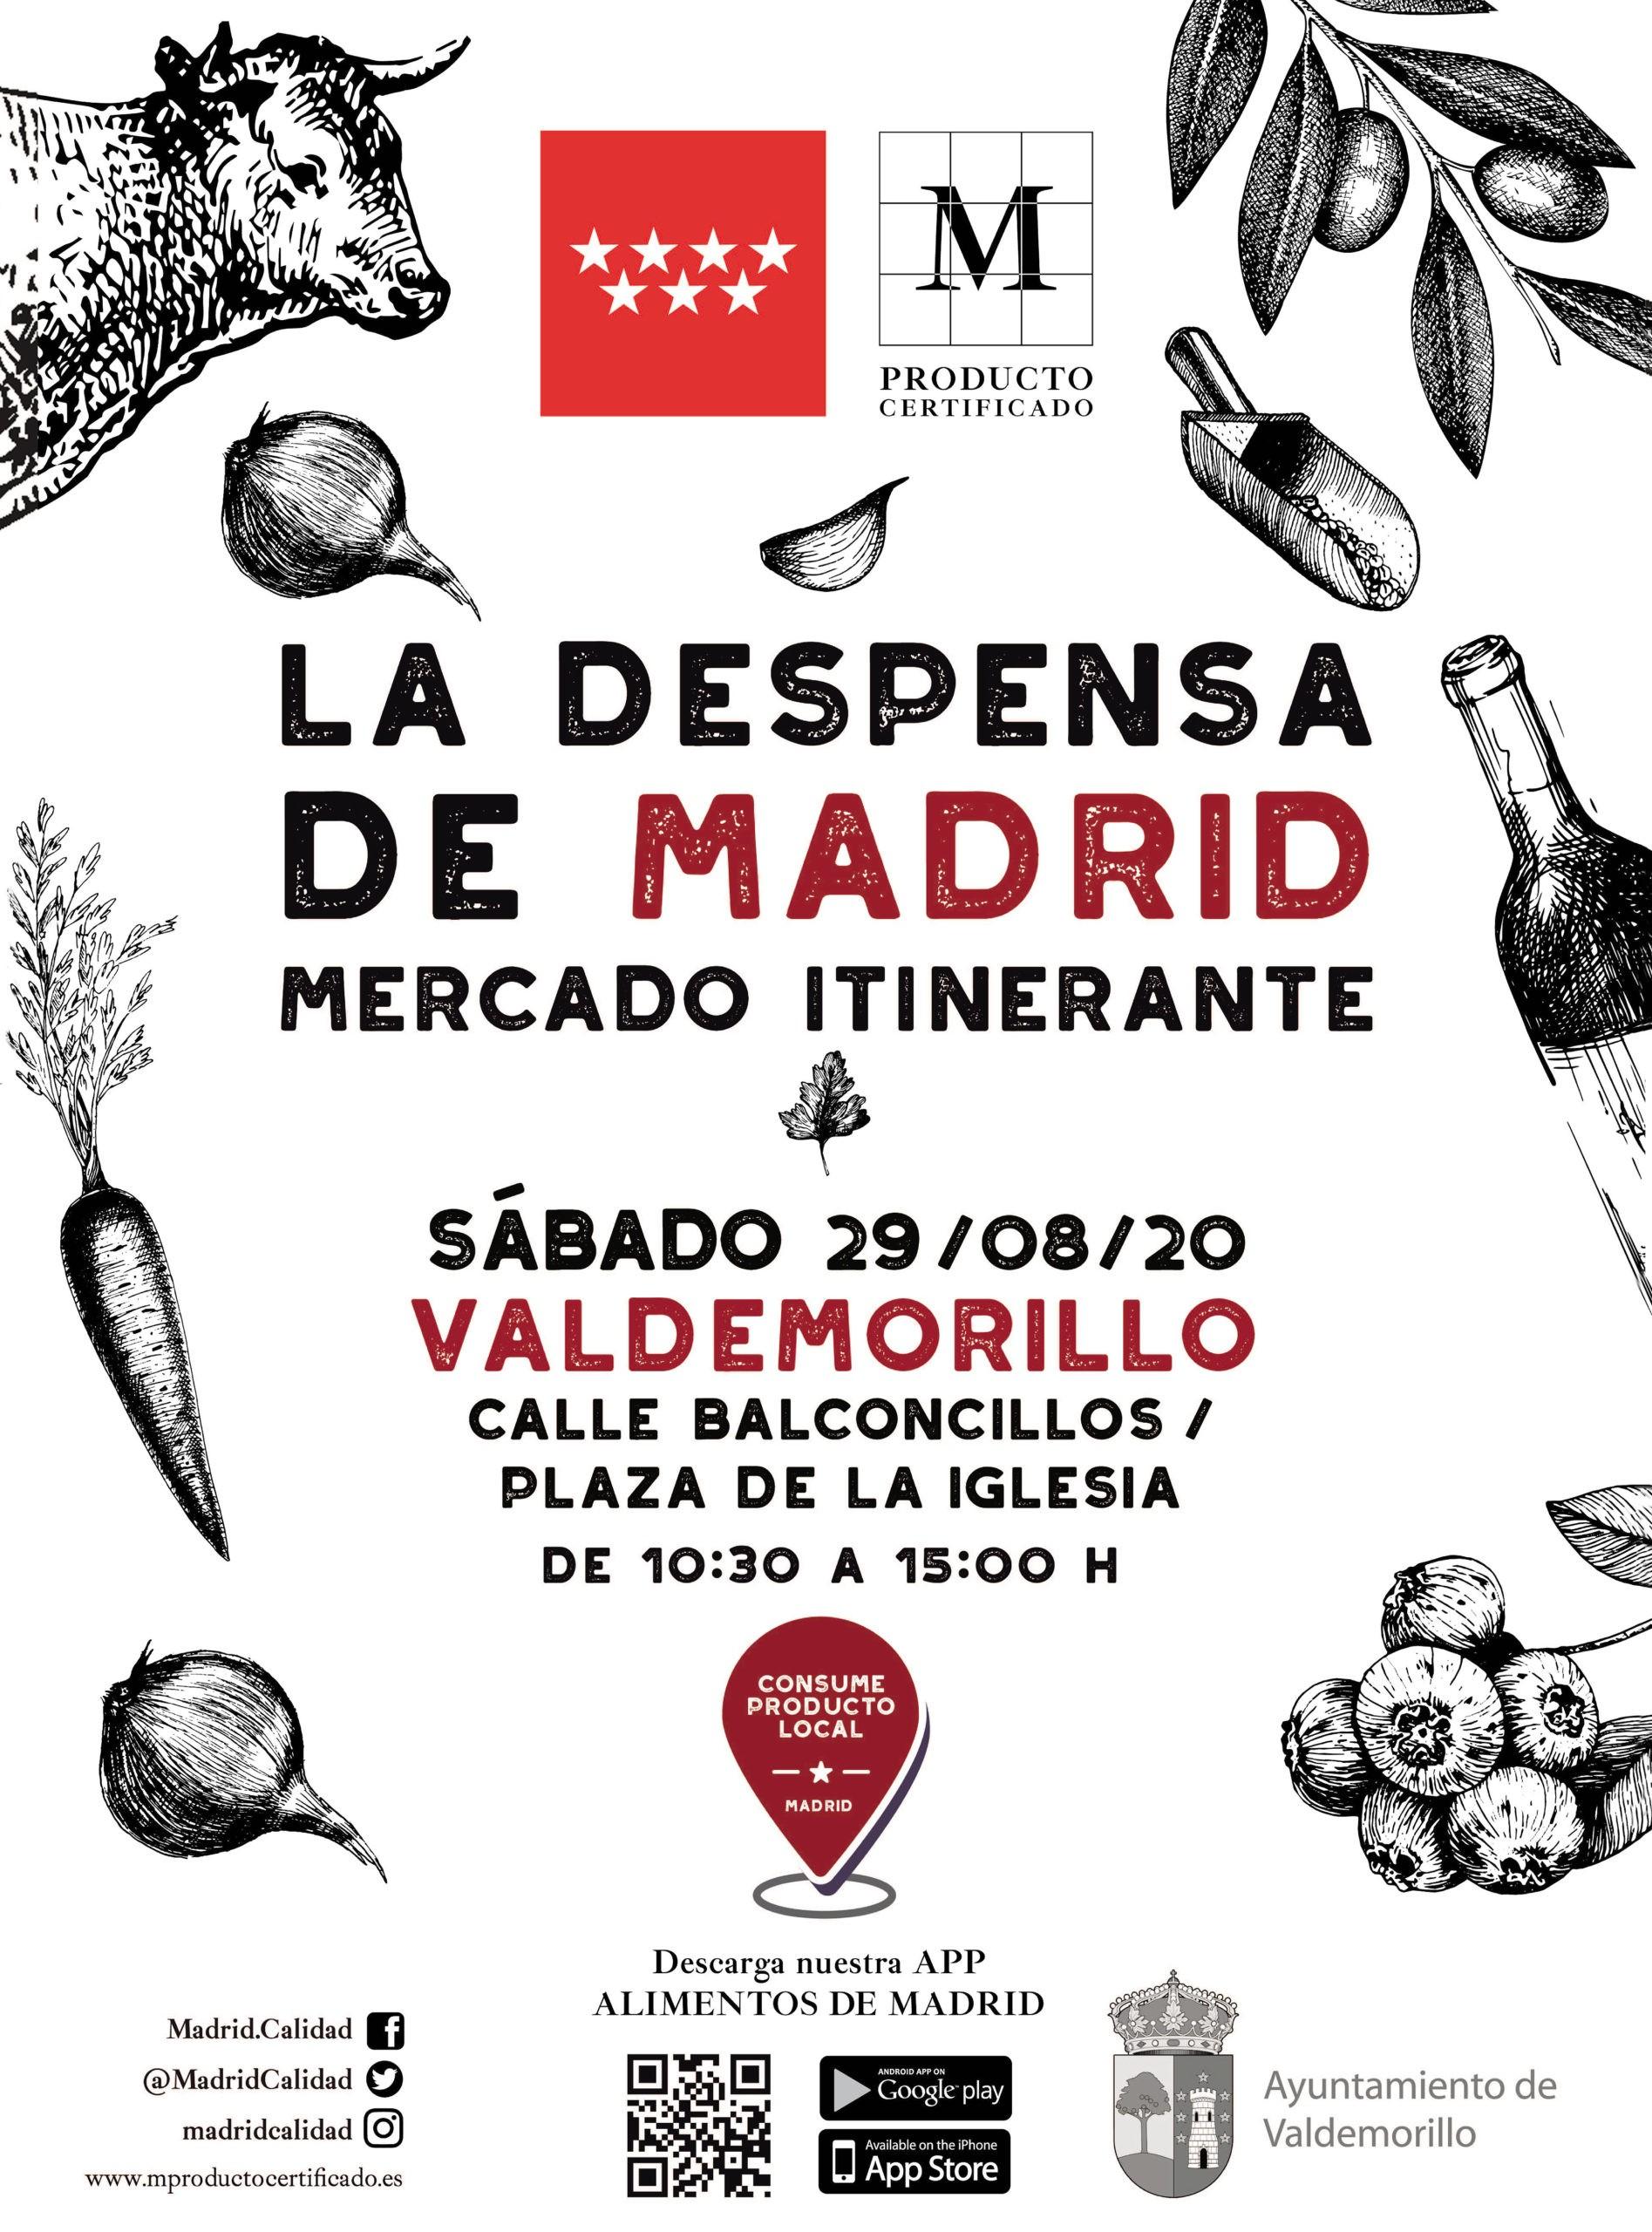 Valdemorillo pone en bandeja  todo el sabor y calidad de los alimentos de la región.  Este 29 de agosto, 'La Despensa de Madrid' abre de 10,30 a 15 horas en la calle Balconcillos